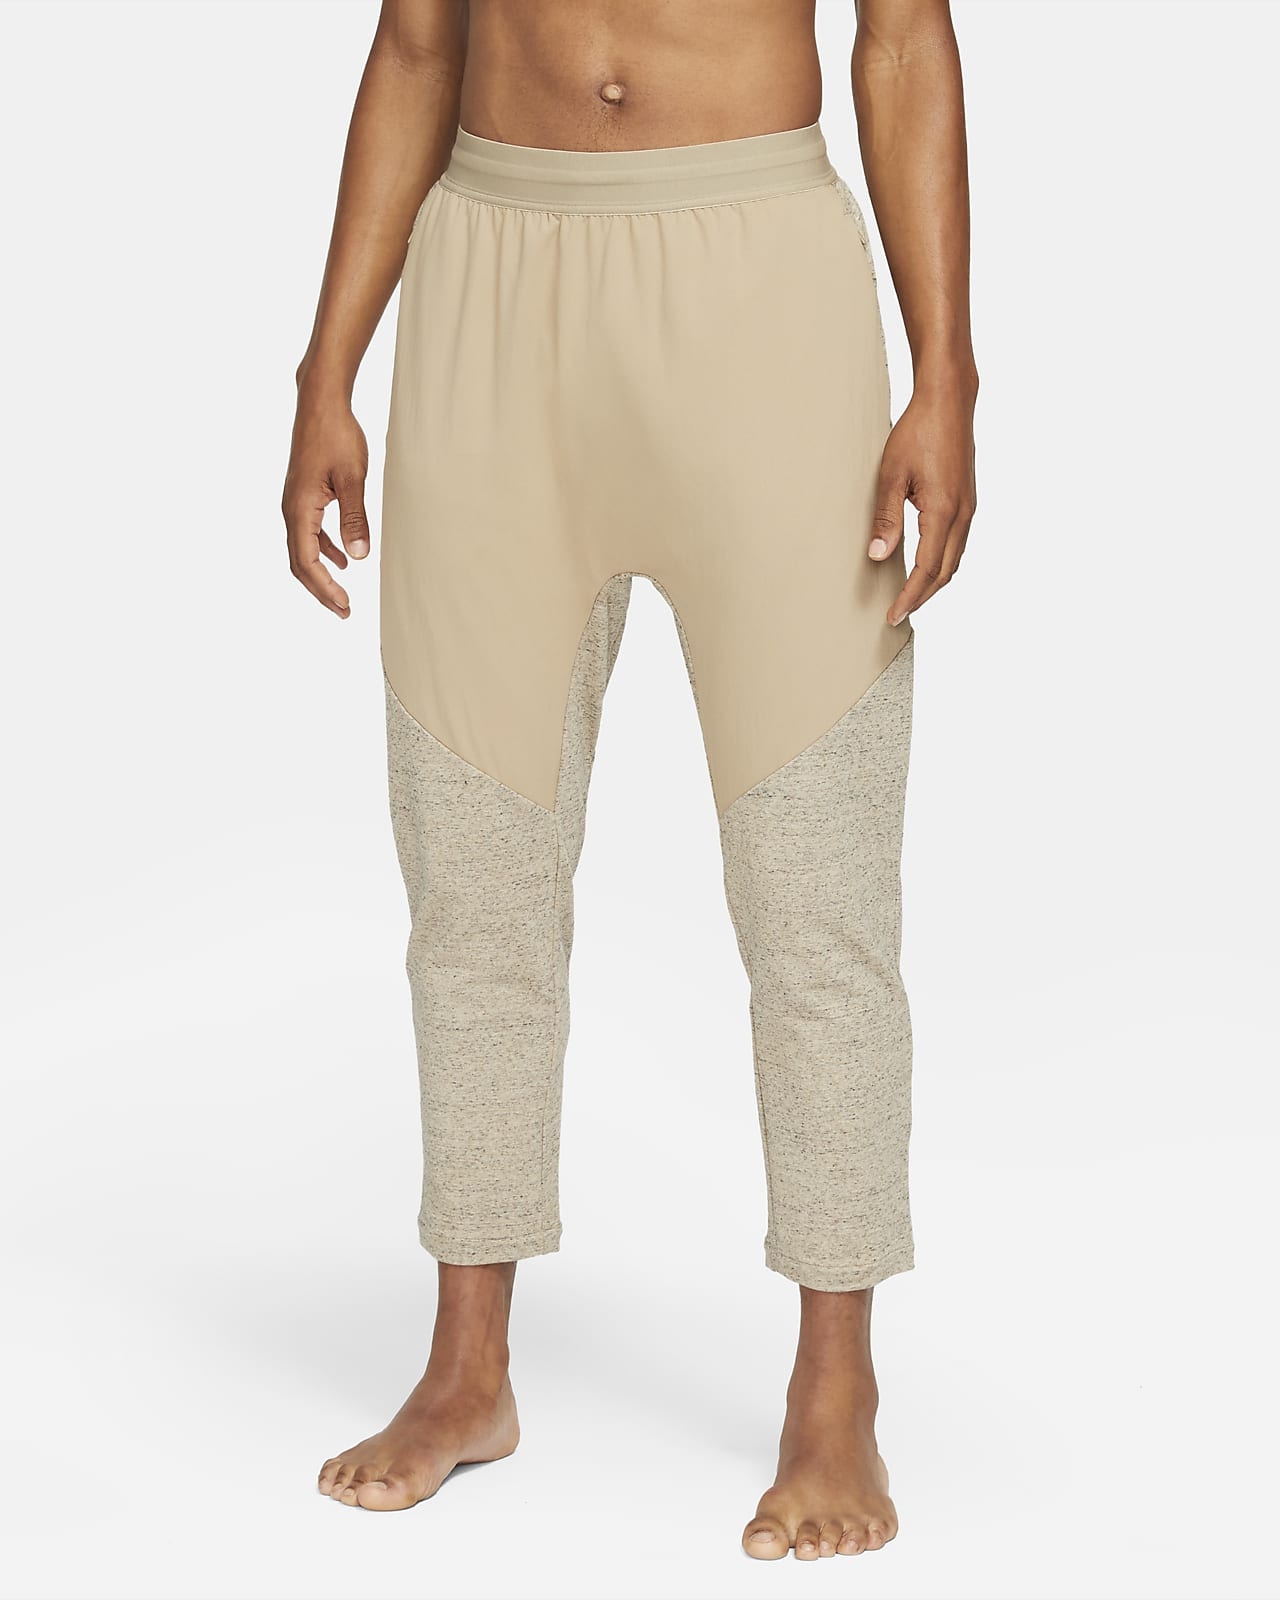 Nike Yoga Dri-FIT Men's Trousers